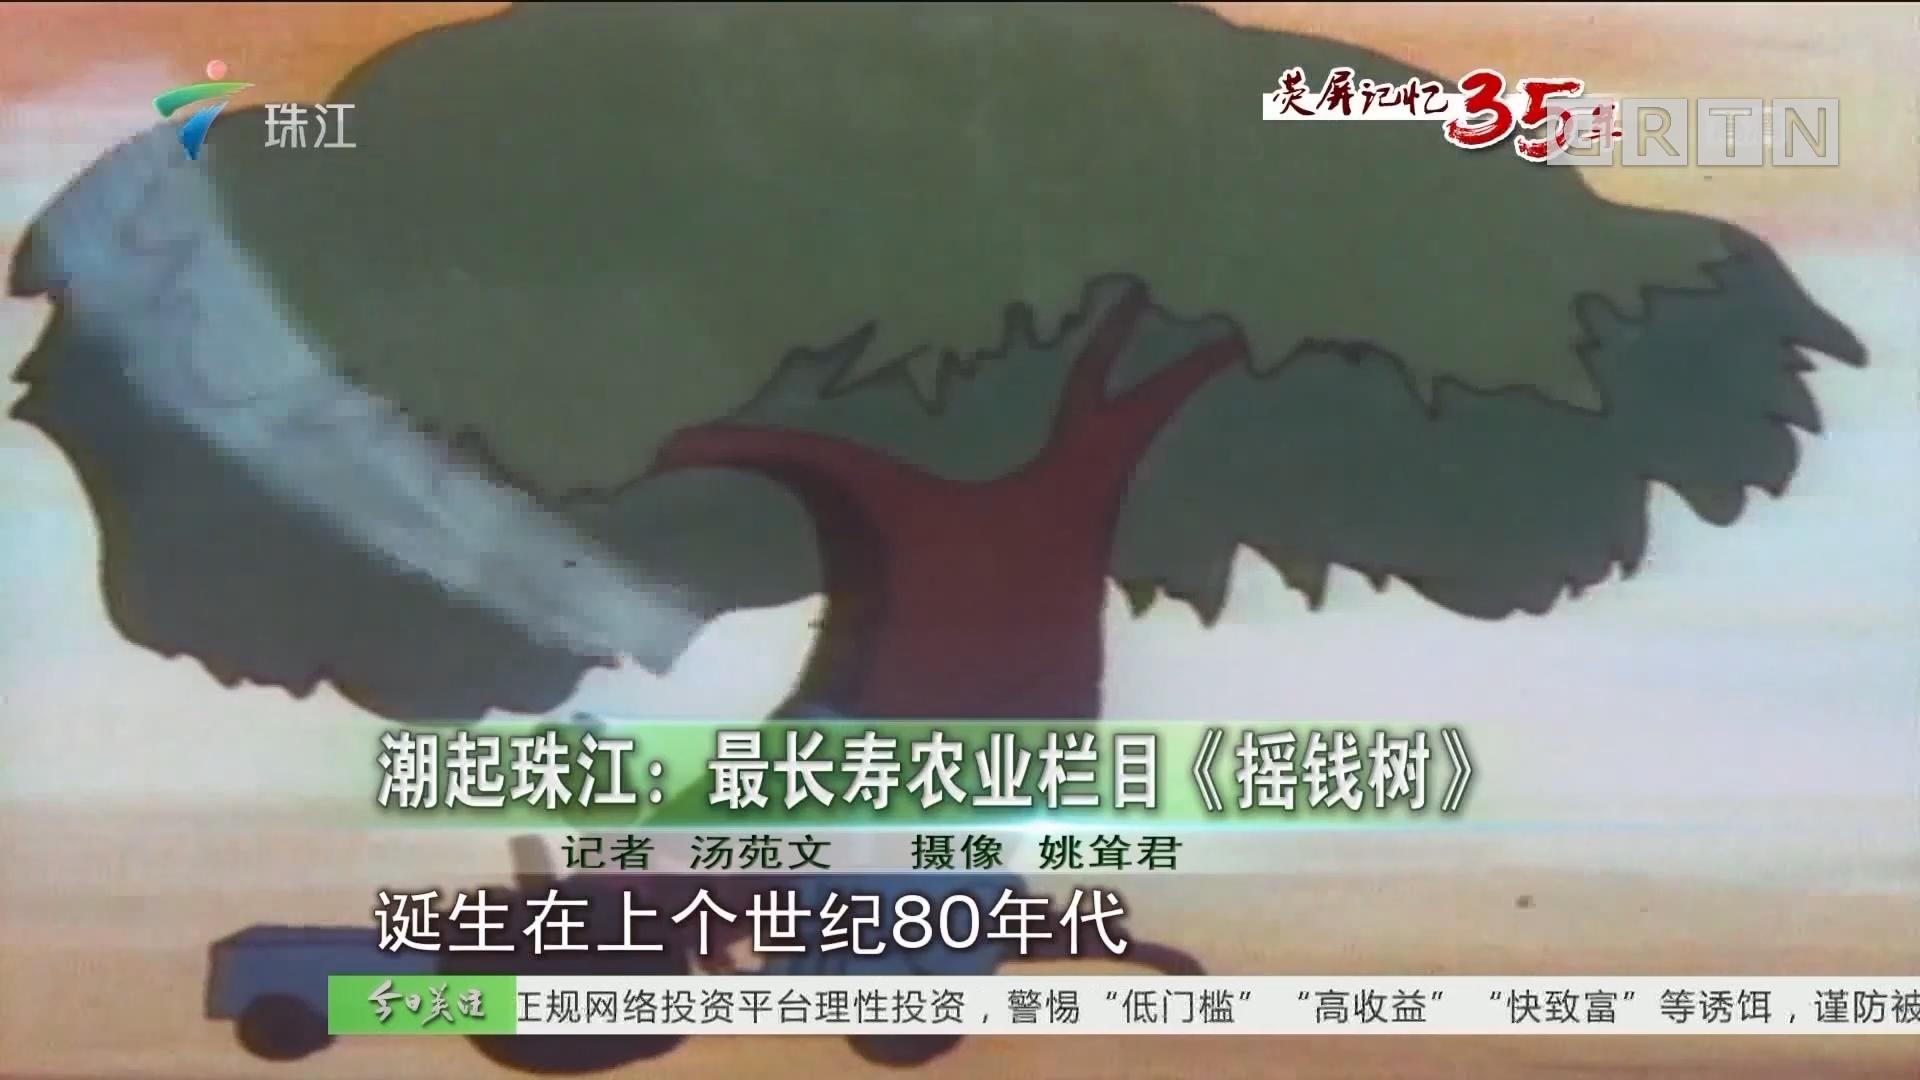 潮起珠江:最长寿农业栏目《摇钱树》